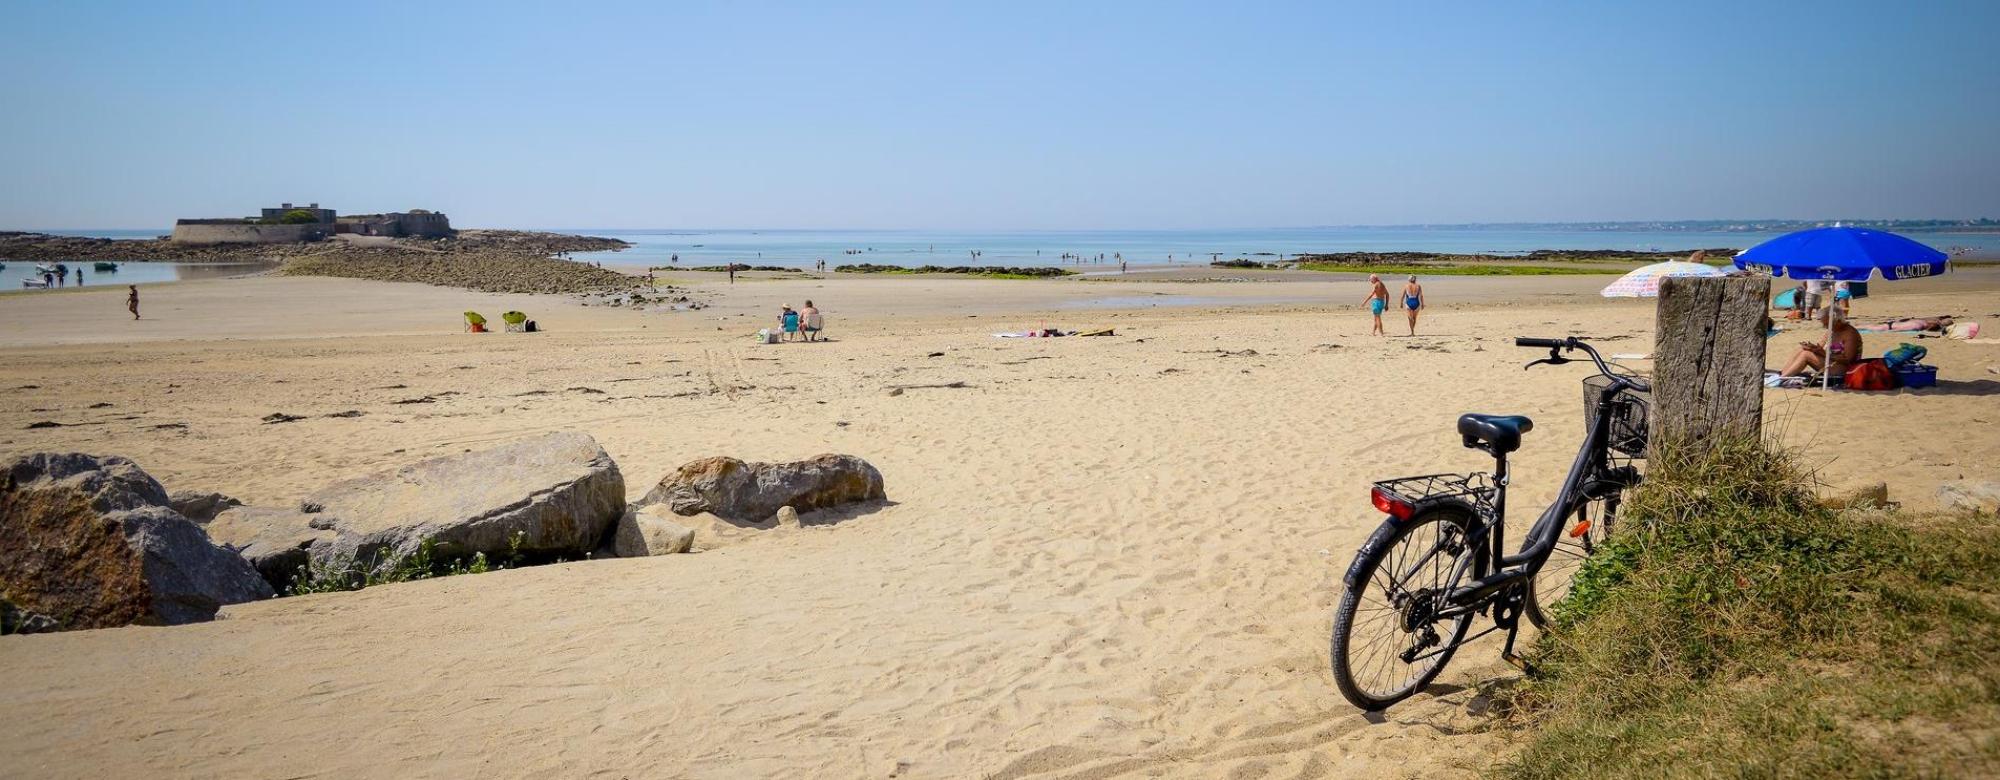 Je suis allée en vélo à plage du Fort-Bloqué par la voie verte - Ploemeur